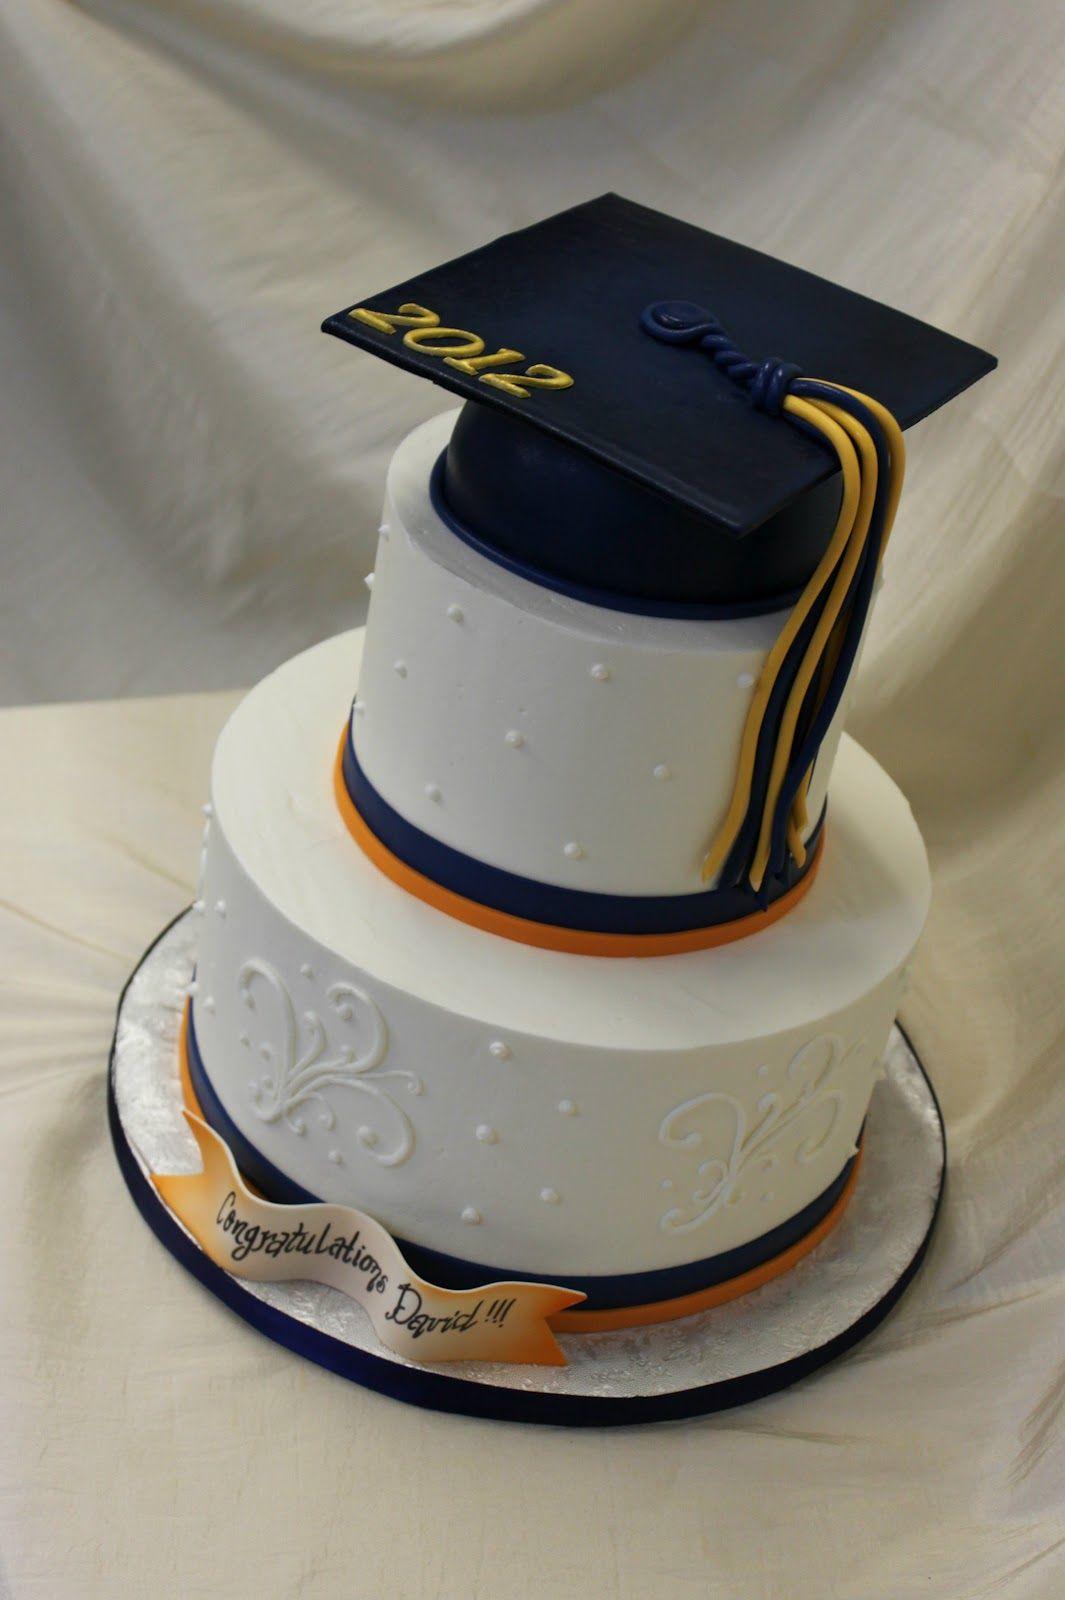 College Graduation Cake Images : unique graduation cakes Sandra s Cakes: GRADUATION CAKES ...